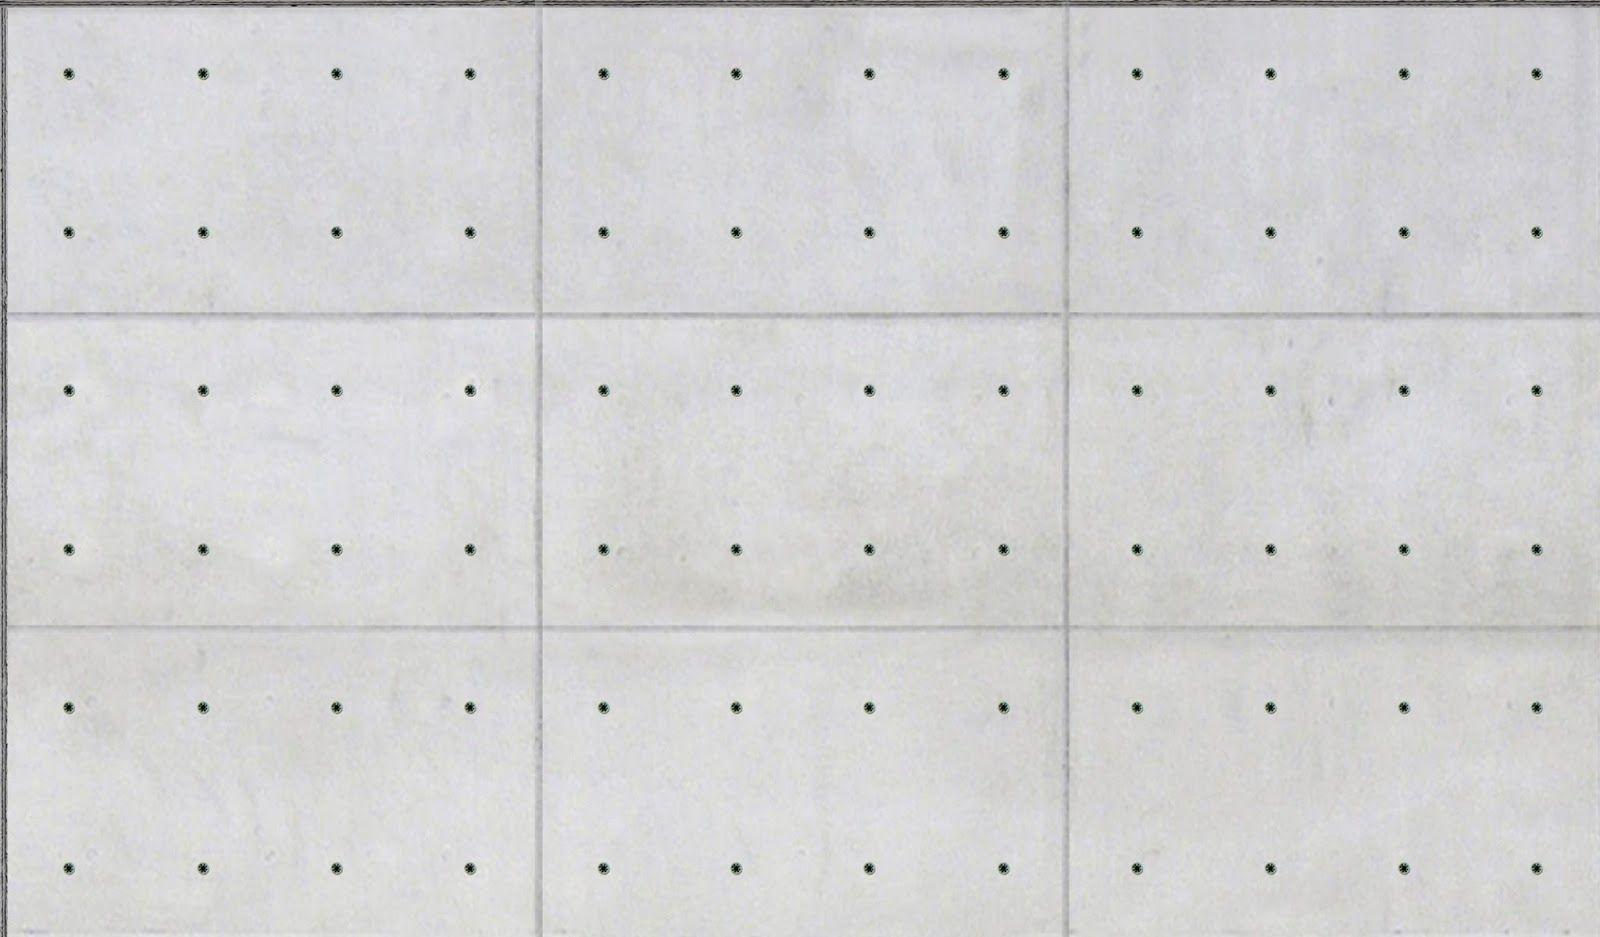 Concrete Wall Tileable Texture Concrete Floor Texture